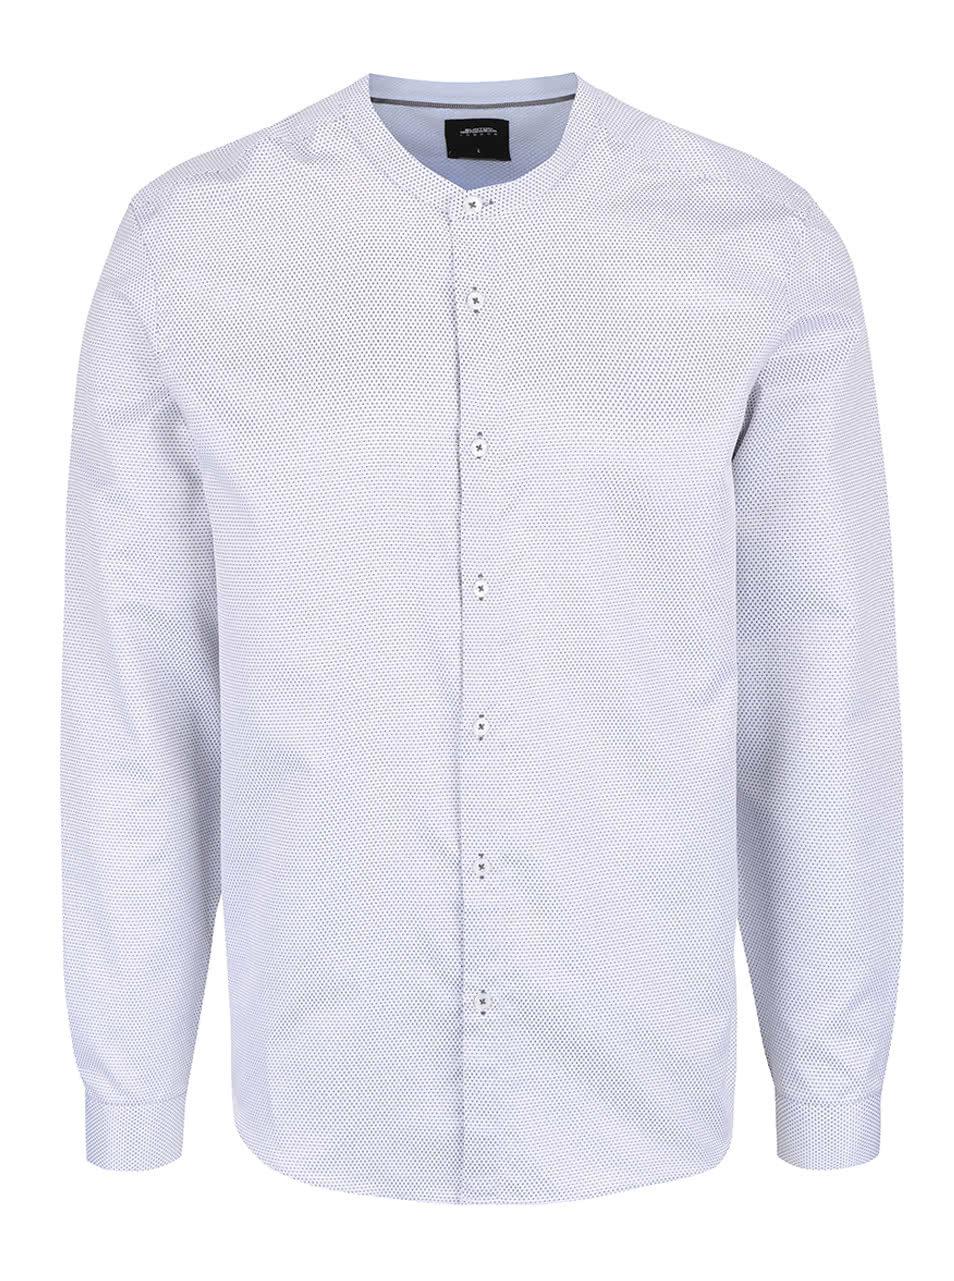 729a9da7667 Bílá vzorovaná košile bez límečku Burton Menswear London ...